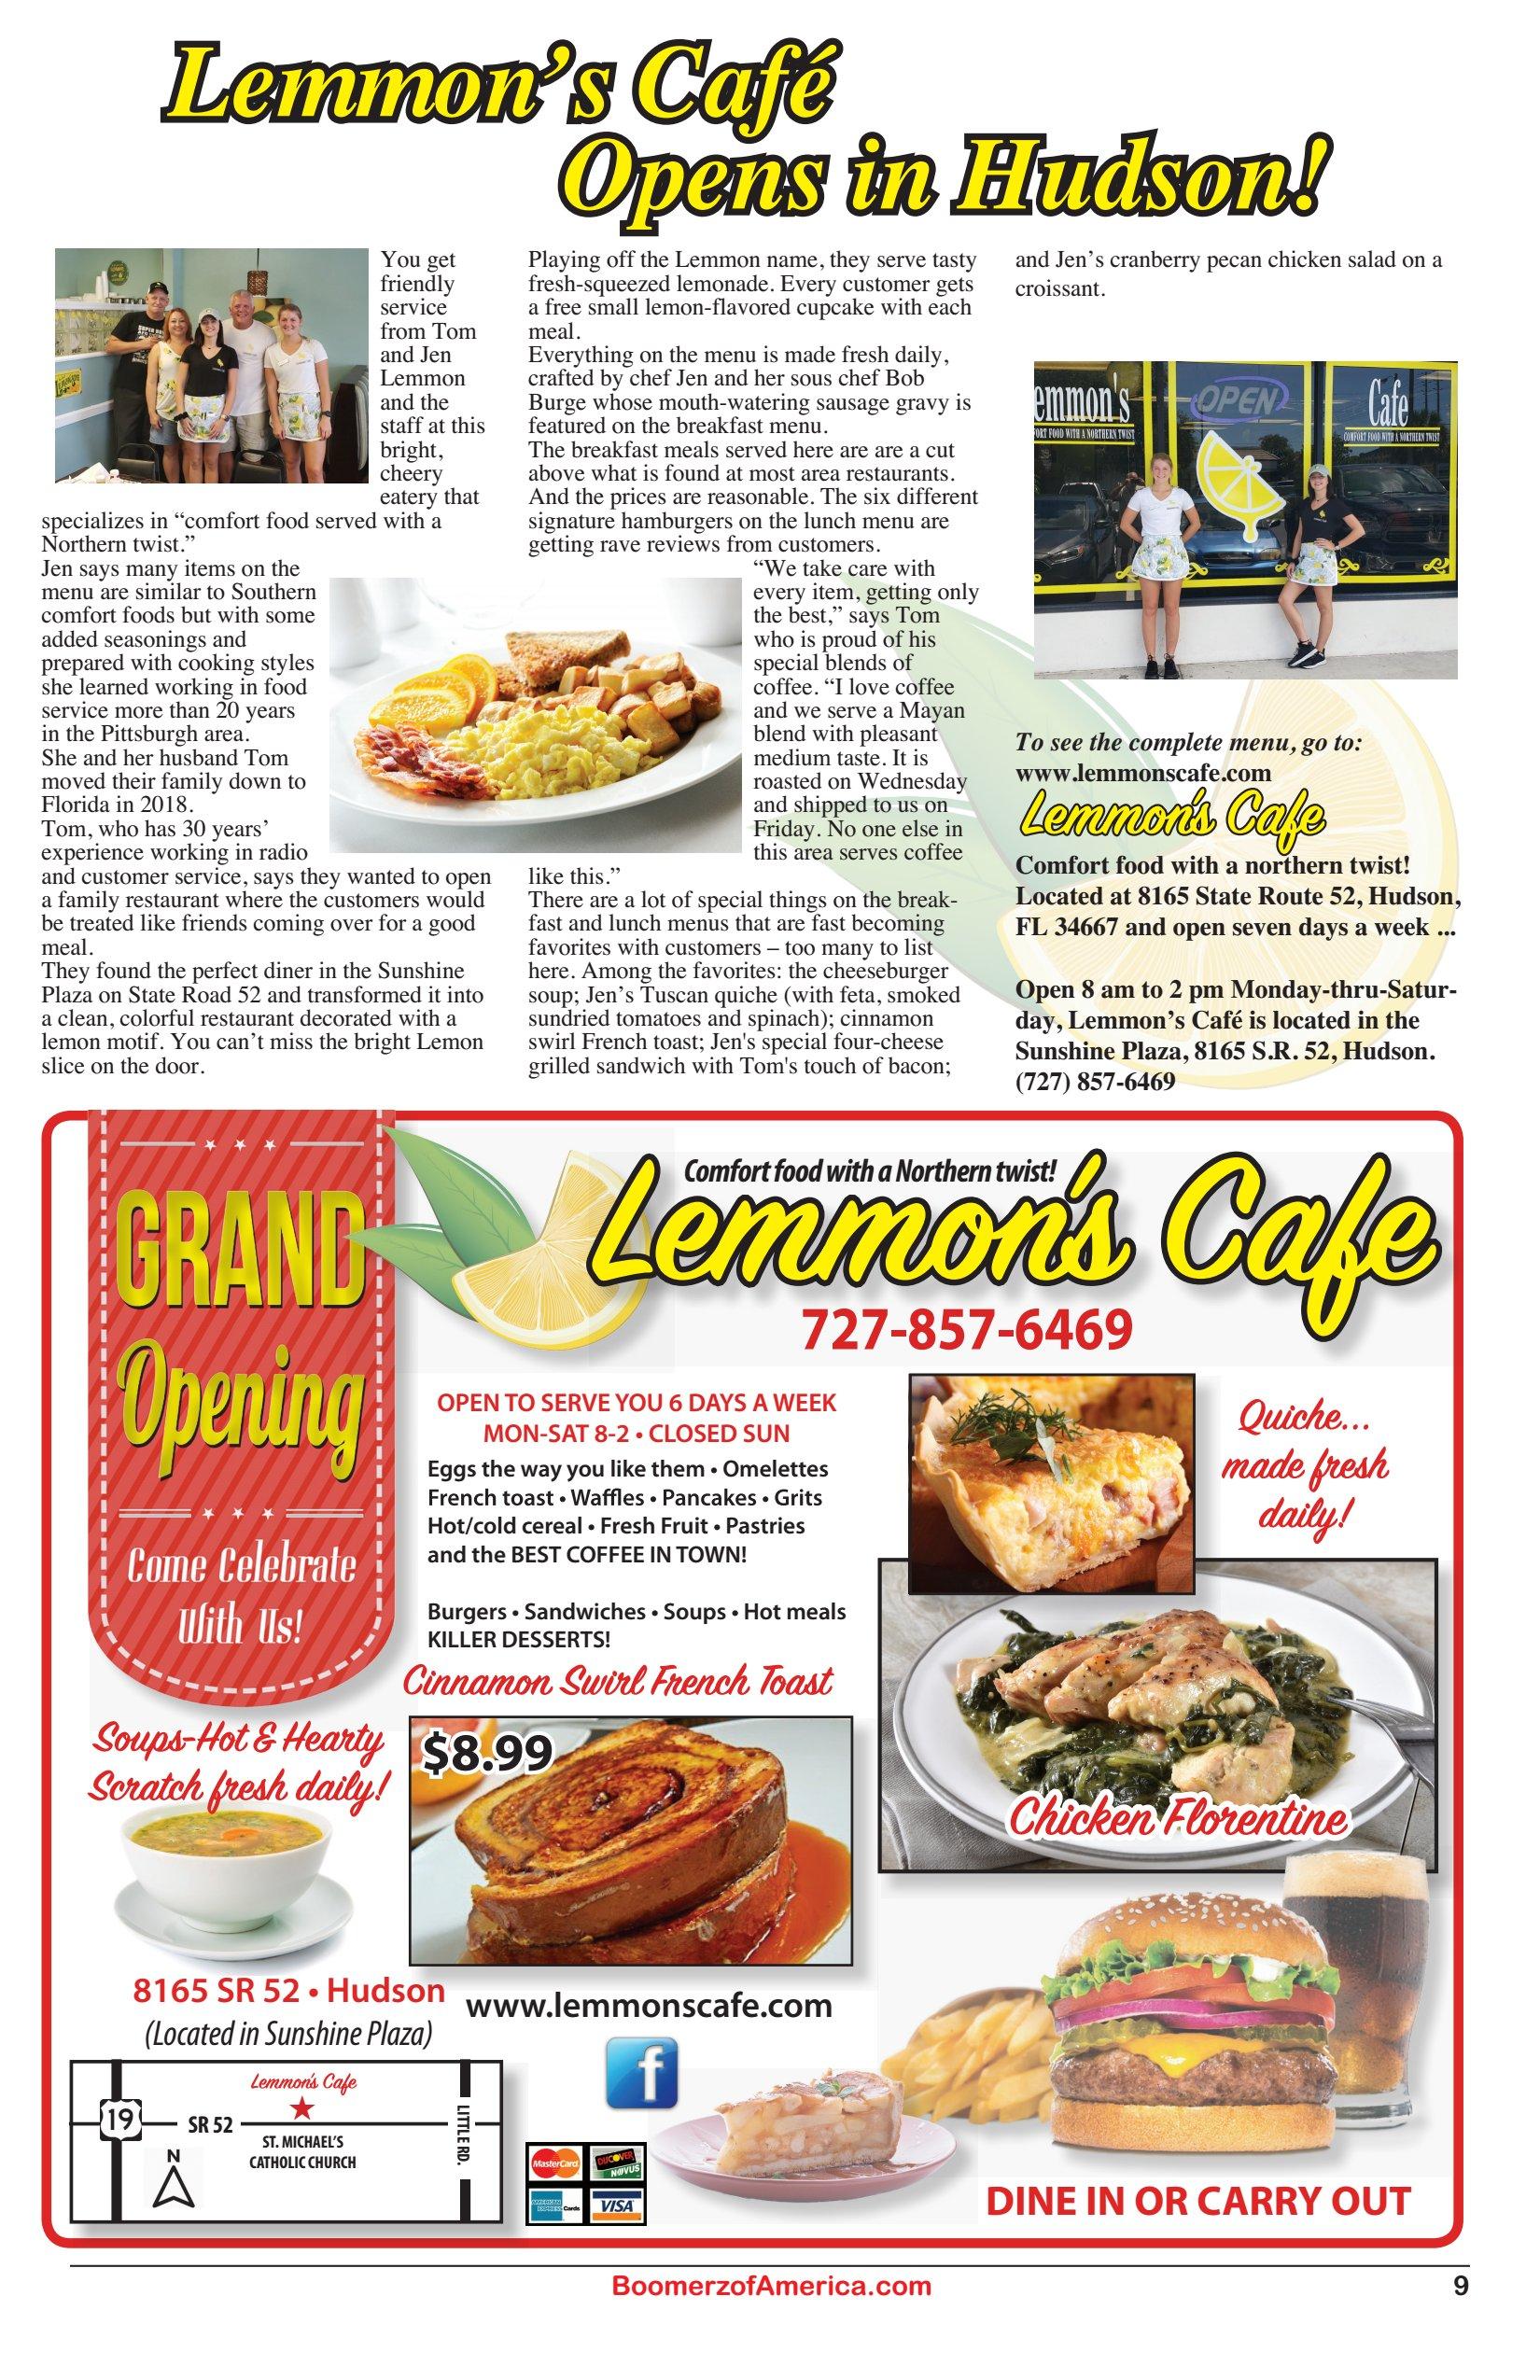 09-2019-boomerz-page-_9 Lemons Cafe